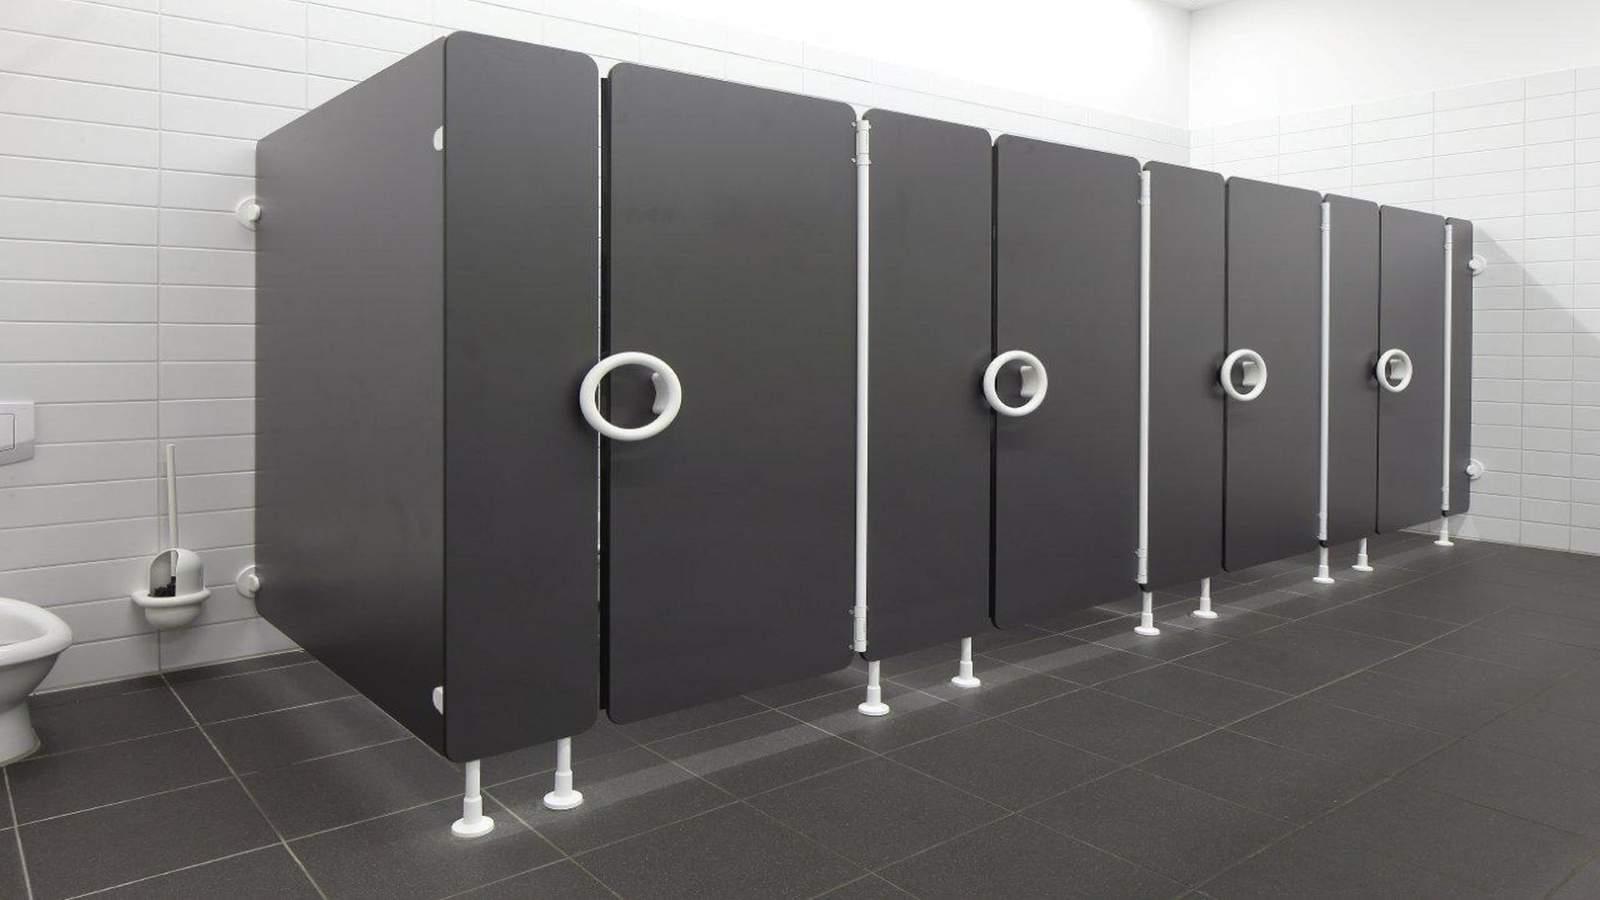 Pareti divisorie per servizi igienici